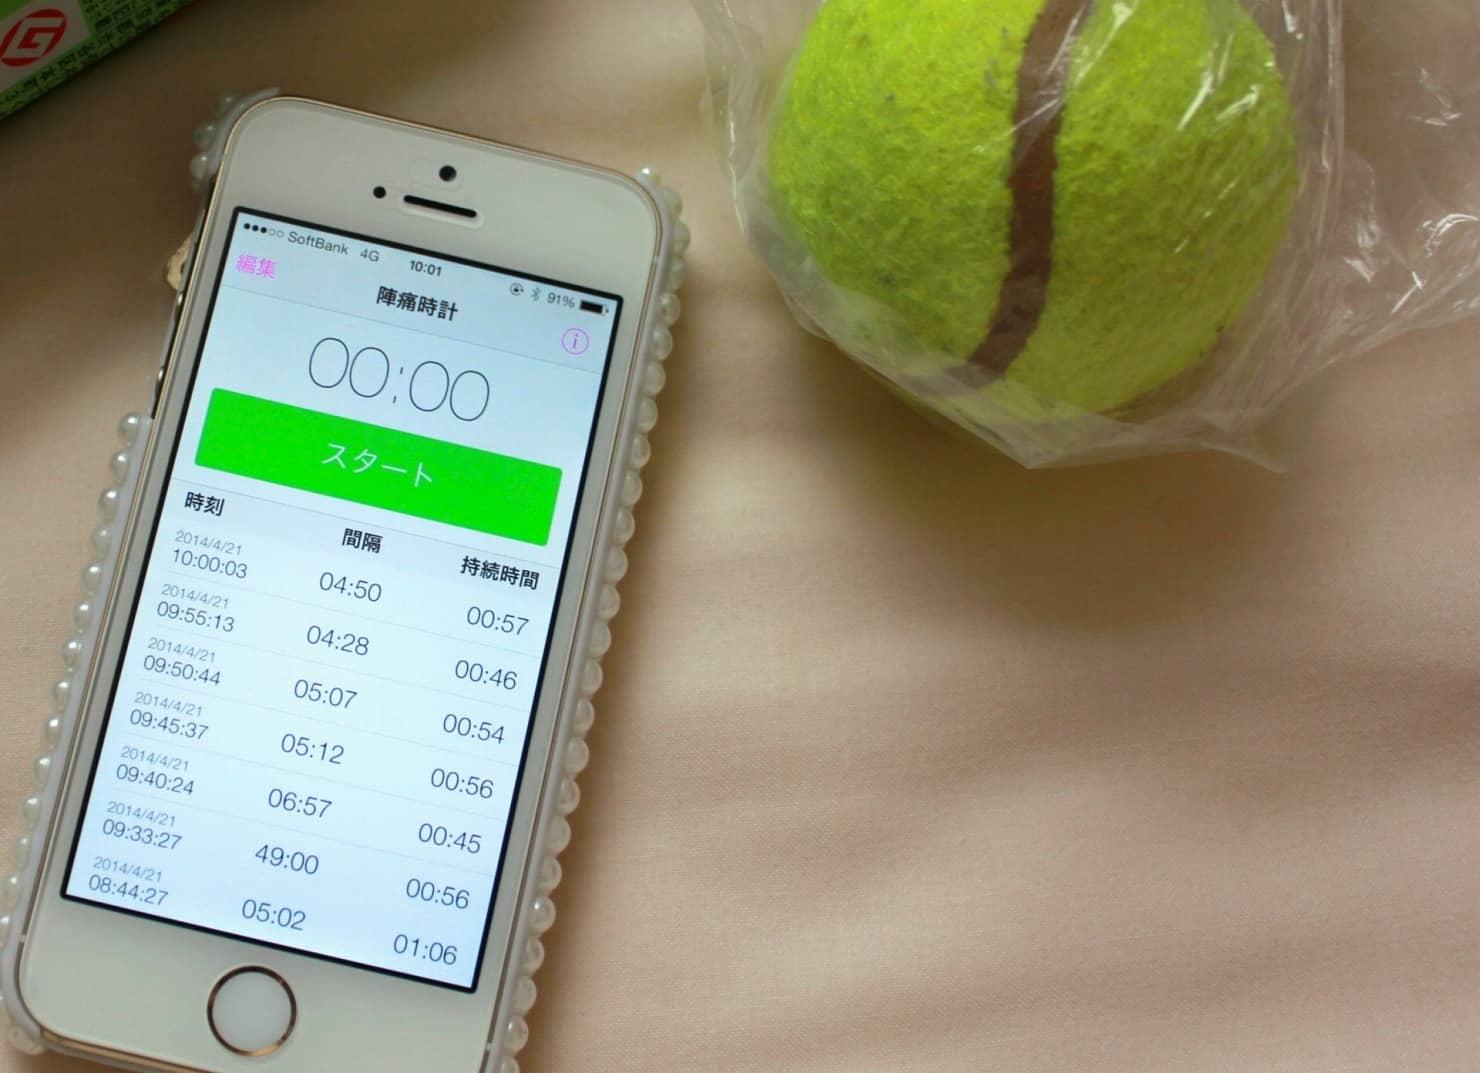 おすすめの陣痛アプリ7選! 陣痛アプリの選び方やパパと共有できるアプリも紹介